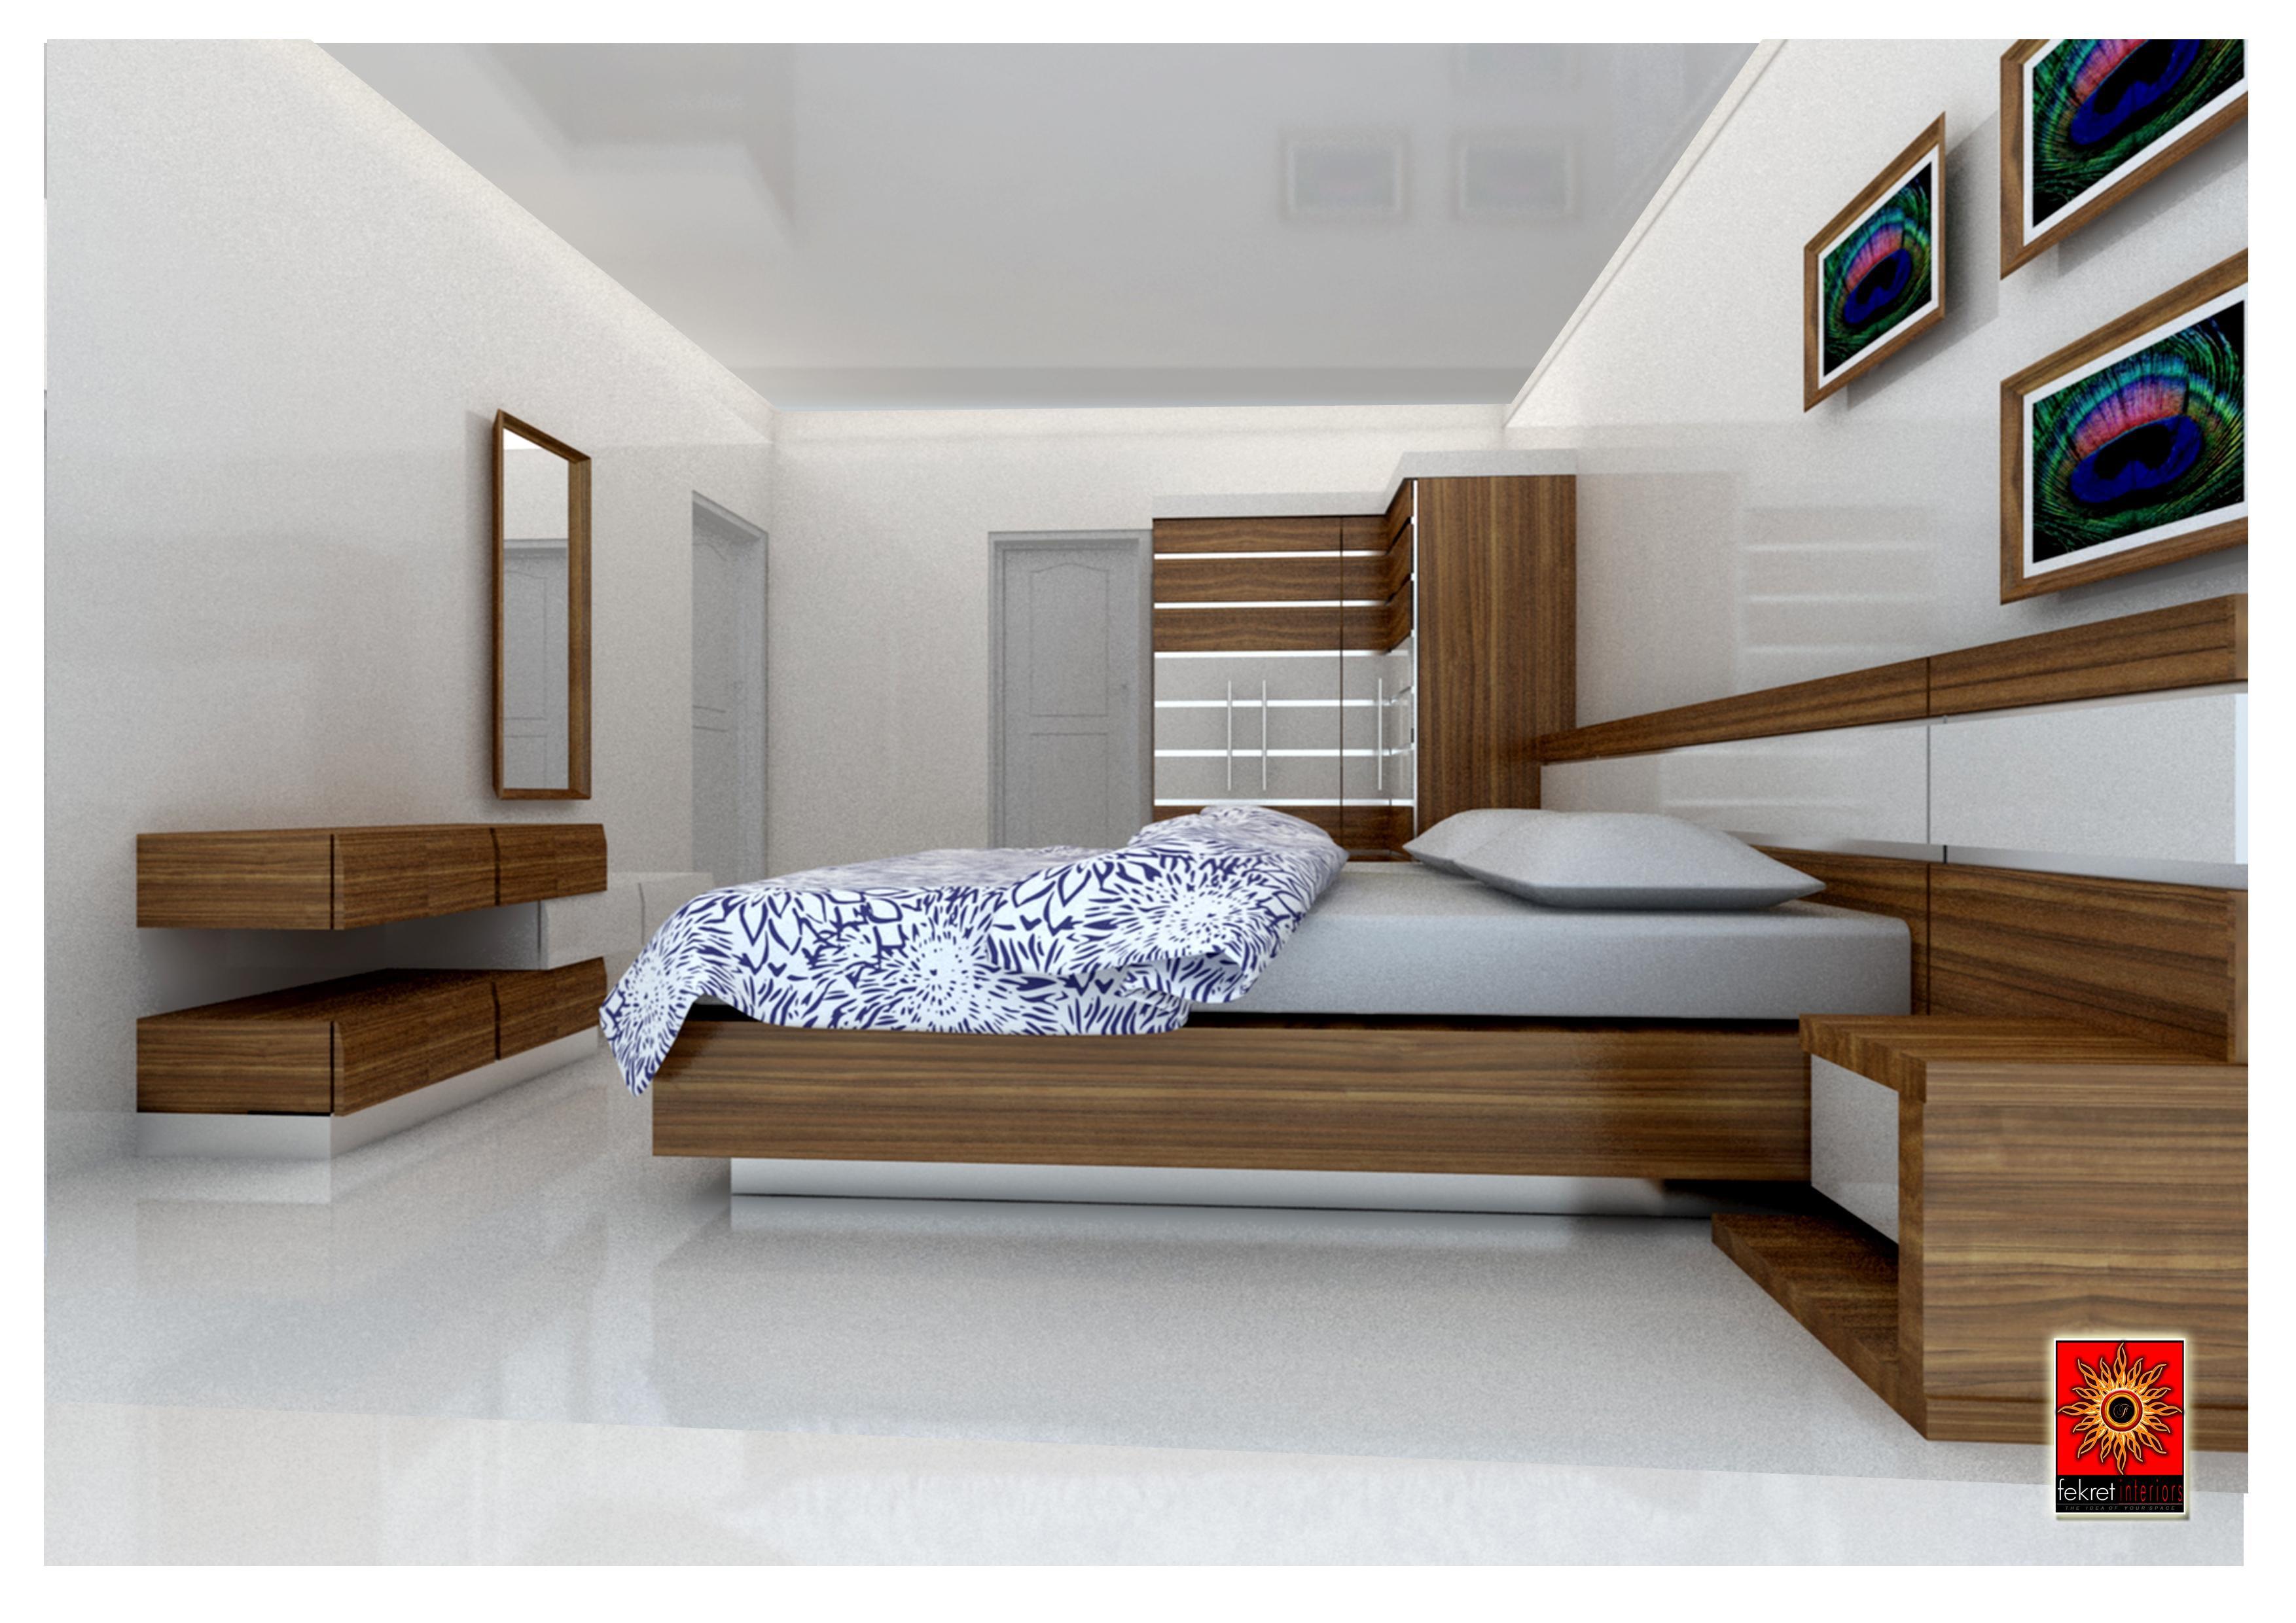 Simple Bedroom Interior Design - Bedroom Interior Designs